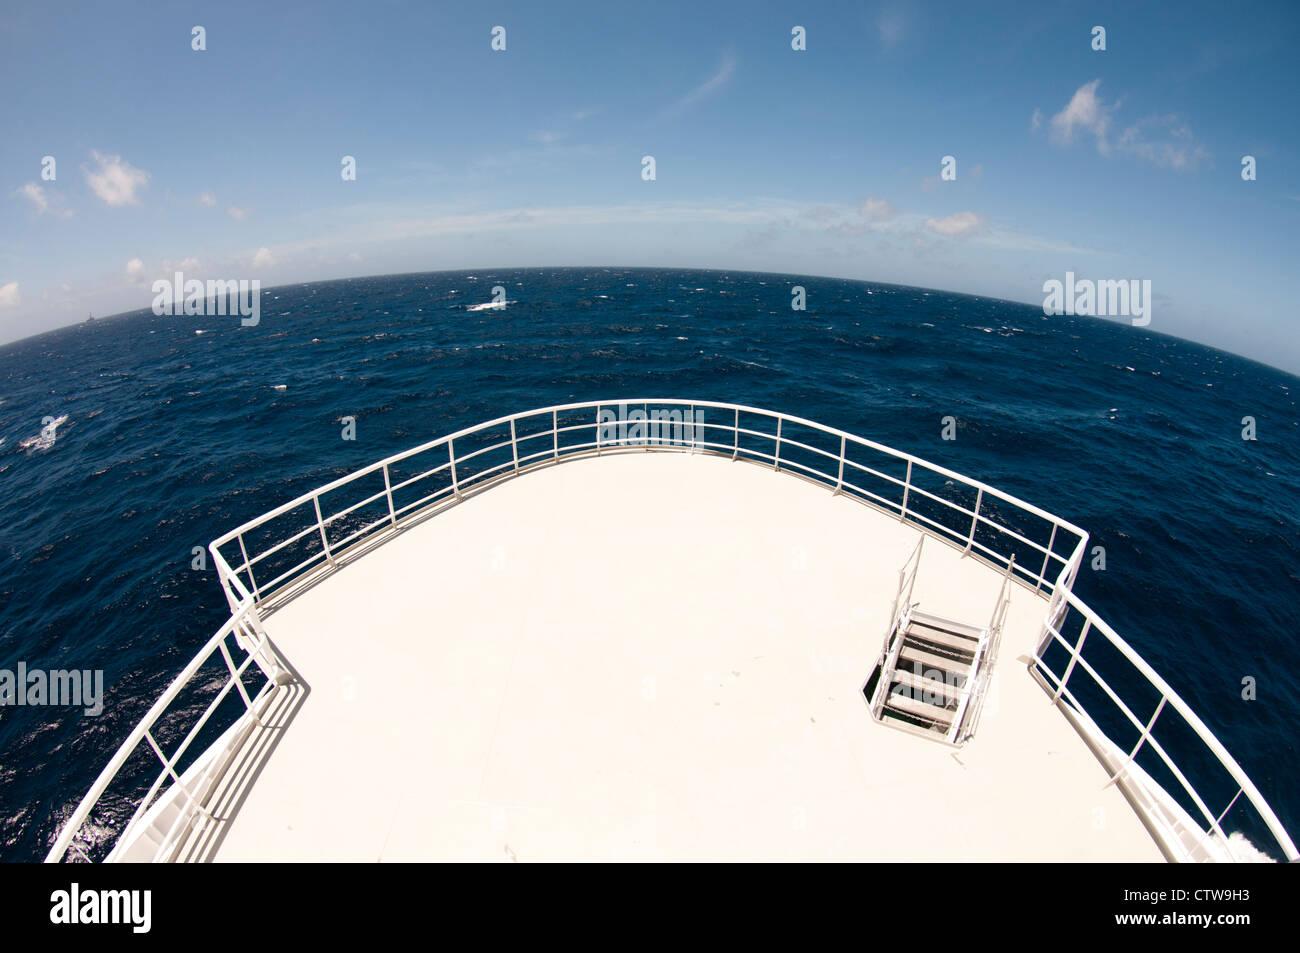 La position de l'arc navire horizon. Photo Stock